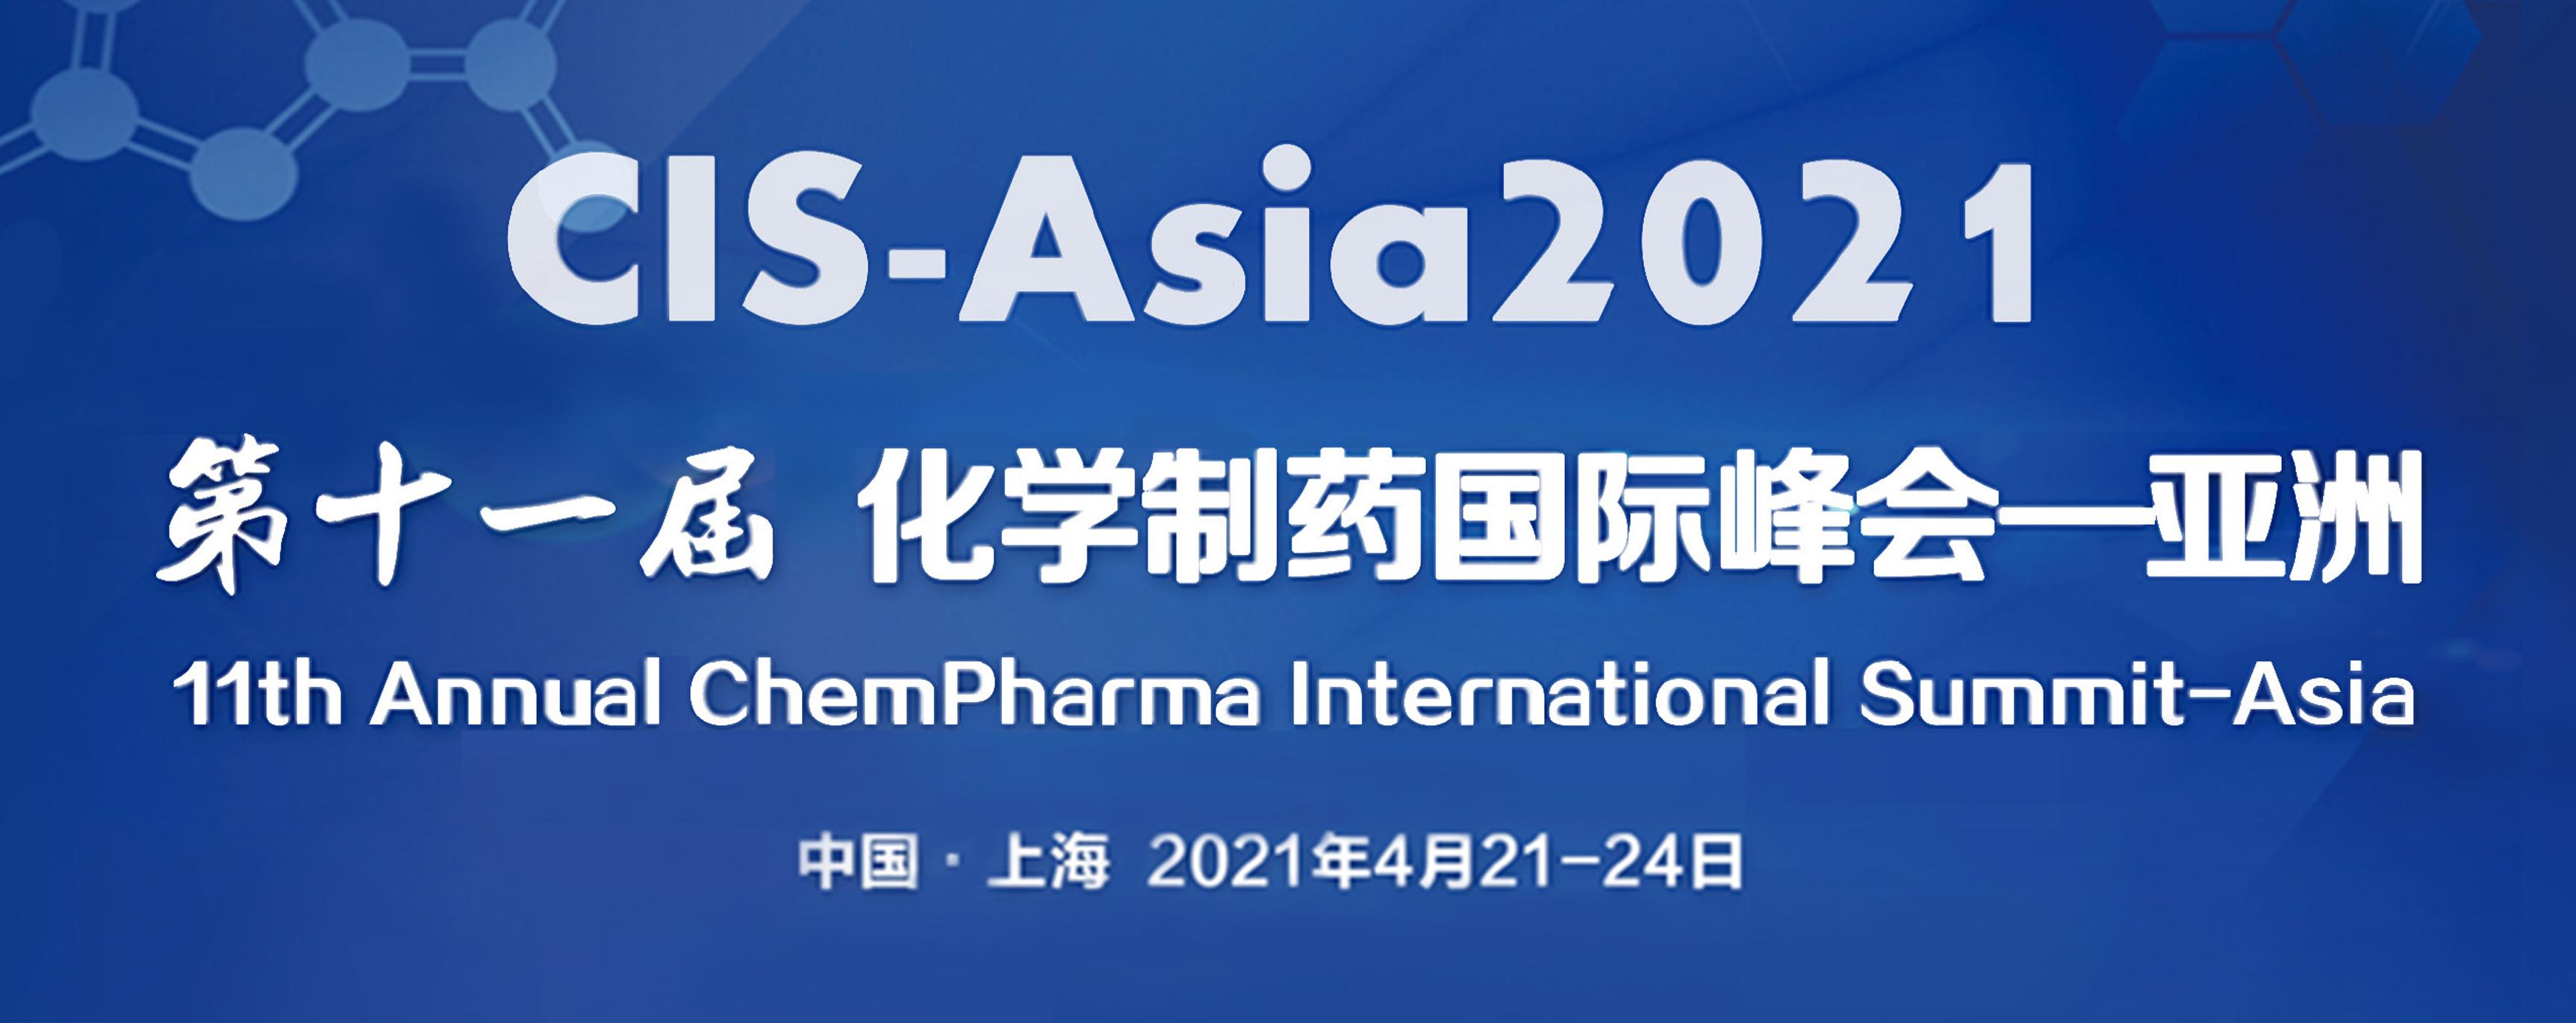 第十一届化学制药国际峰会